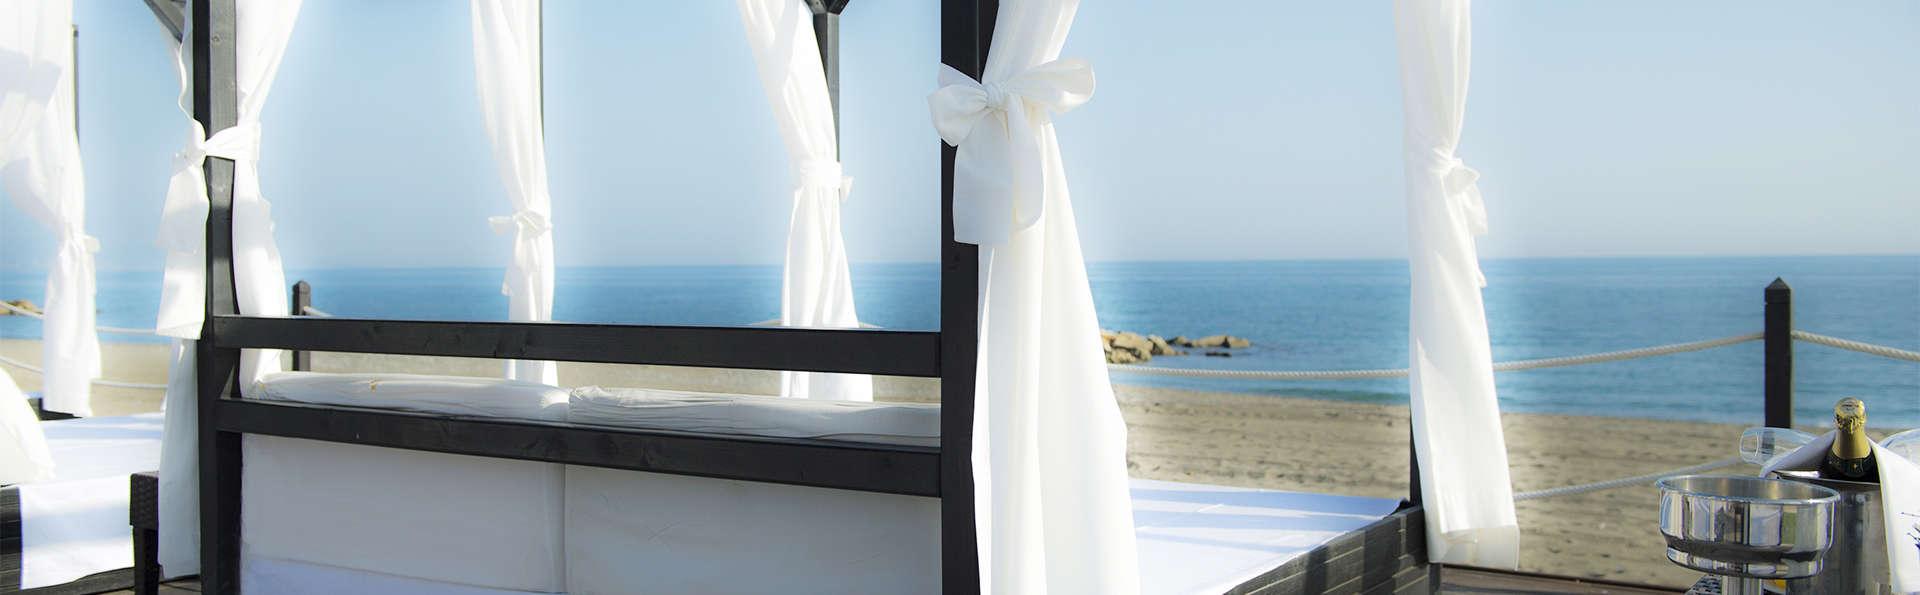 Week-end avec spa et vue sur la mer à Marbella